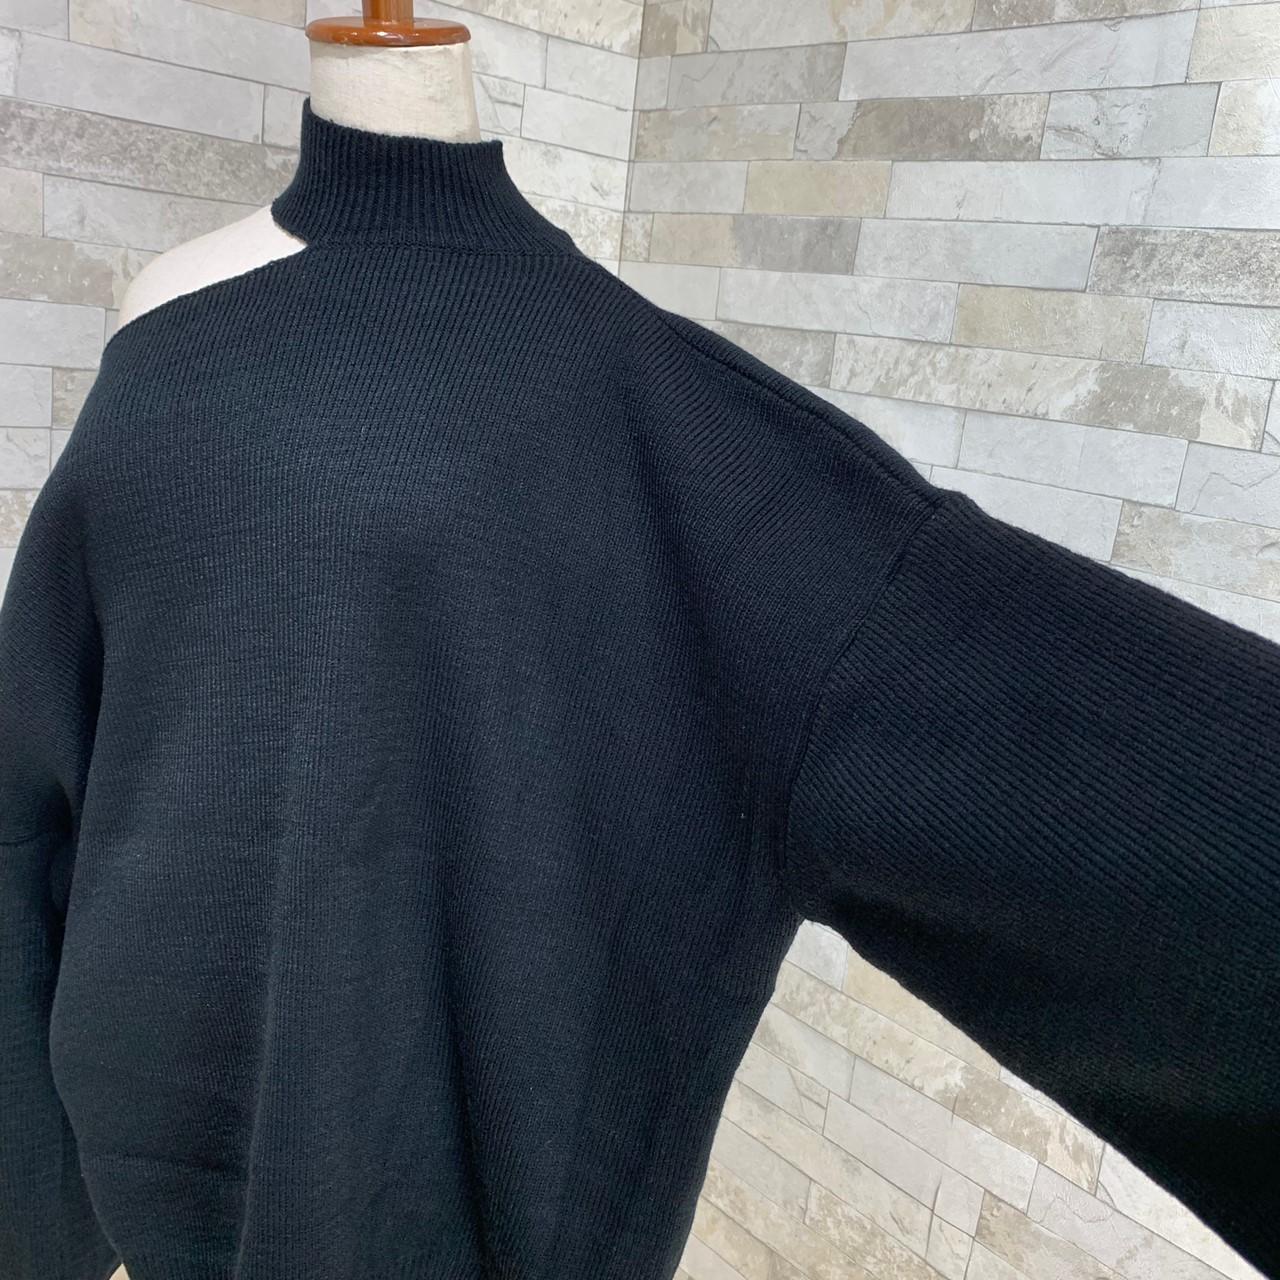 韓国 ファッション トップス ニット セーター 秋 冬 カジュアル PTXG267  アシンメトリー オープンショルダー カットオフ オルチャン シンプル 定番 セレカジの写真10枚目